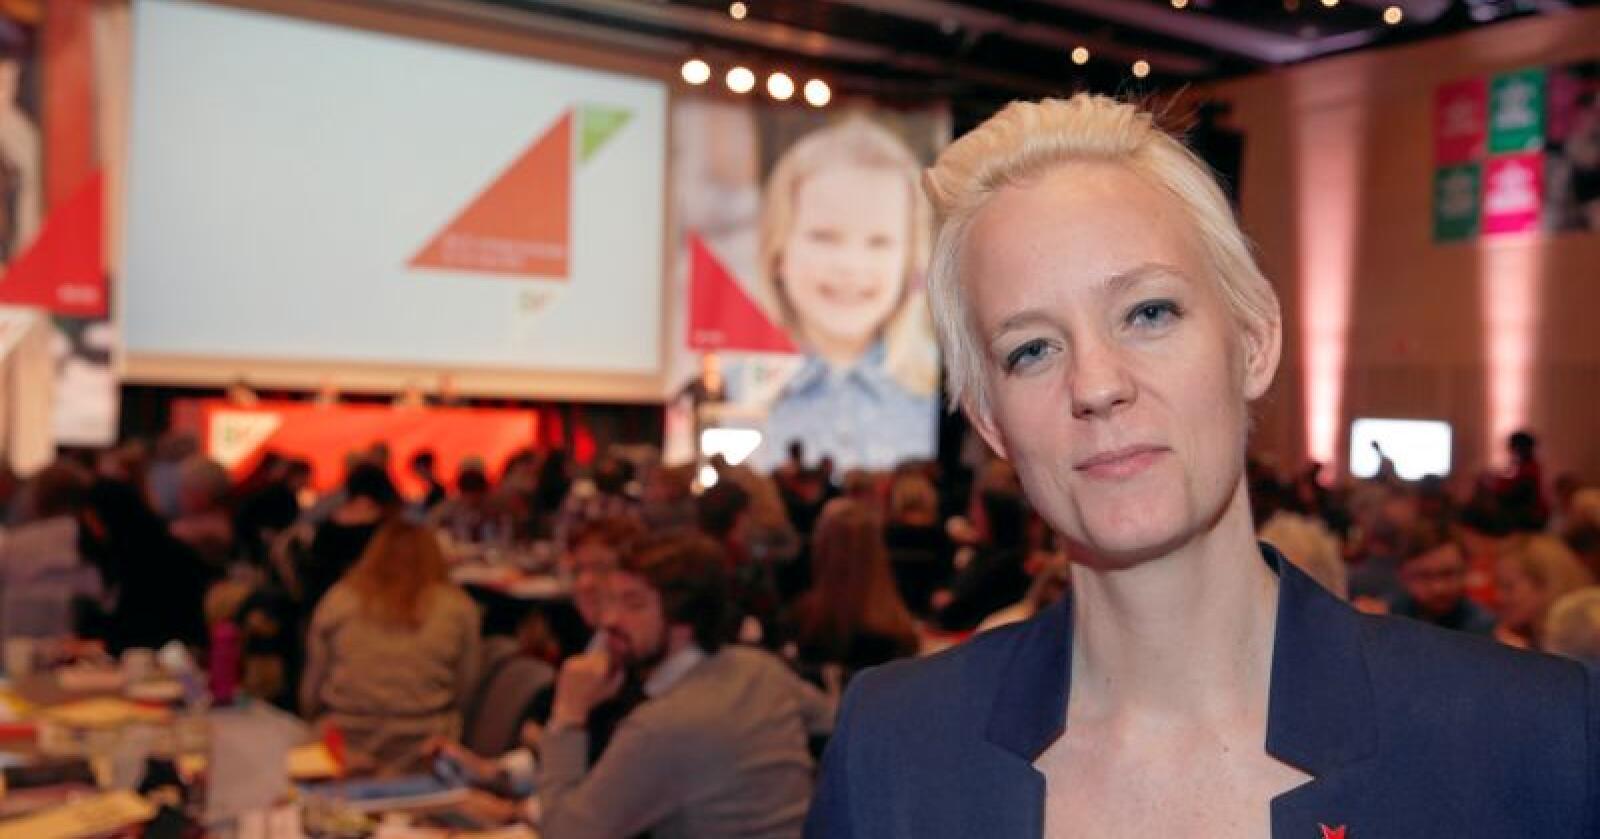 Fylkesleder Ingrid Fiskaa i Rogaland SV mener forslaget til ny SV-ledelse er for Oslo-dominert. Foto: Terje Pedersen / NTB scanpix